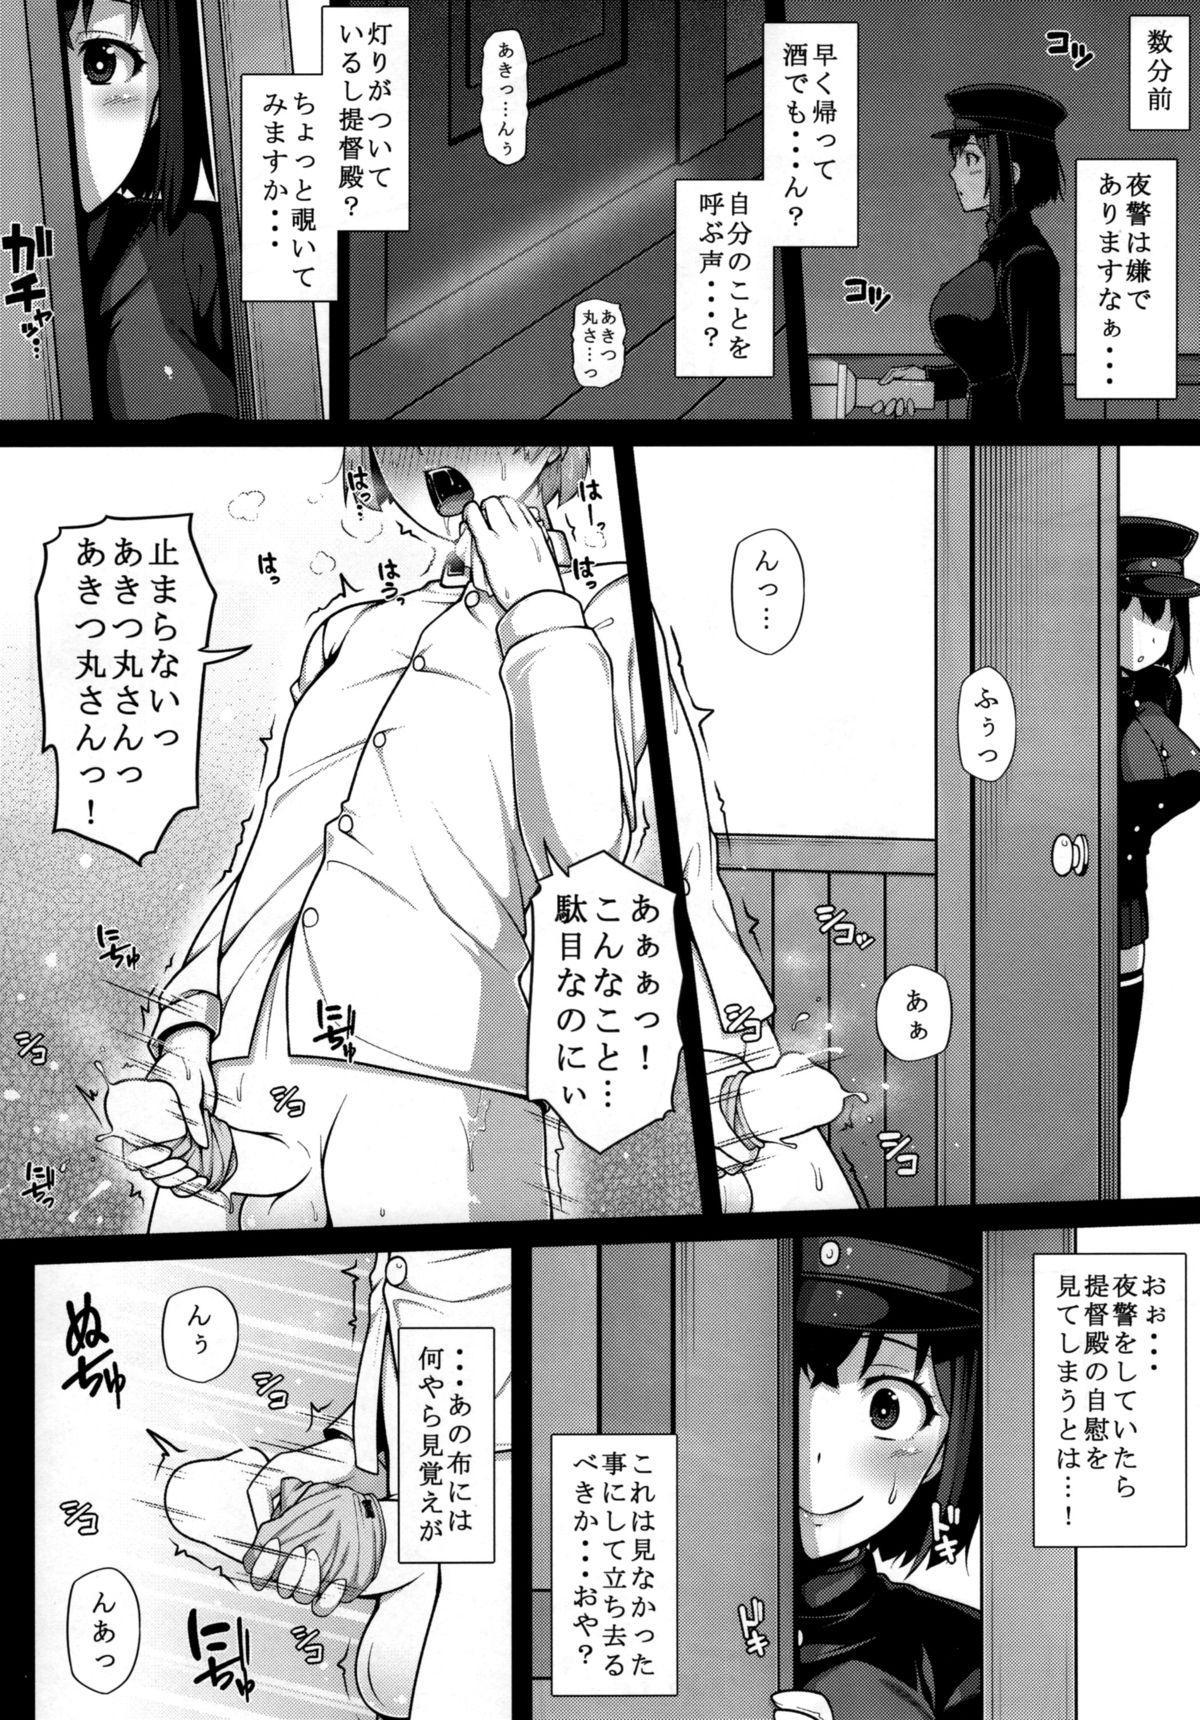 Akitsu Maru wa Ketsuana Gurui Onee-chan 5